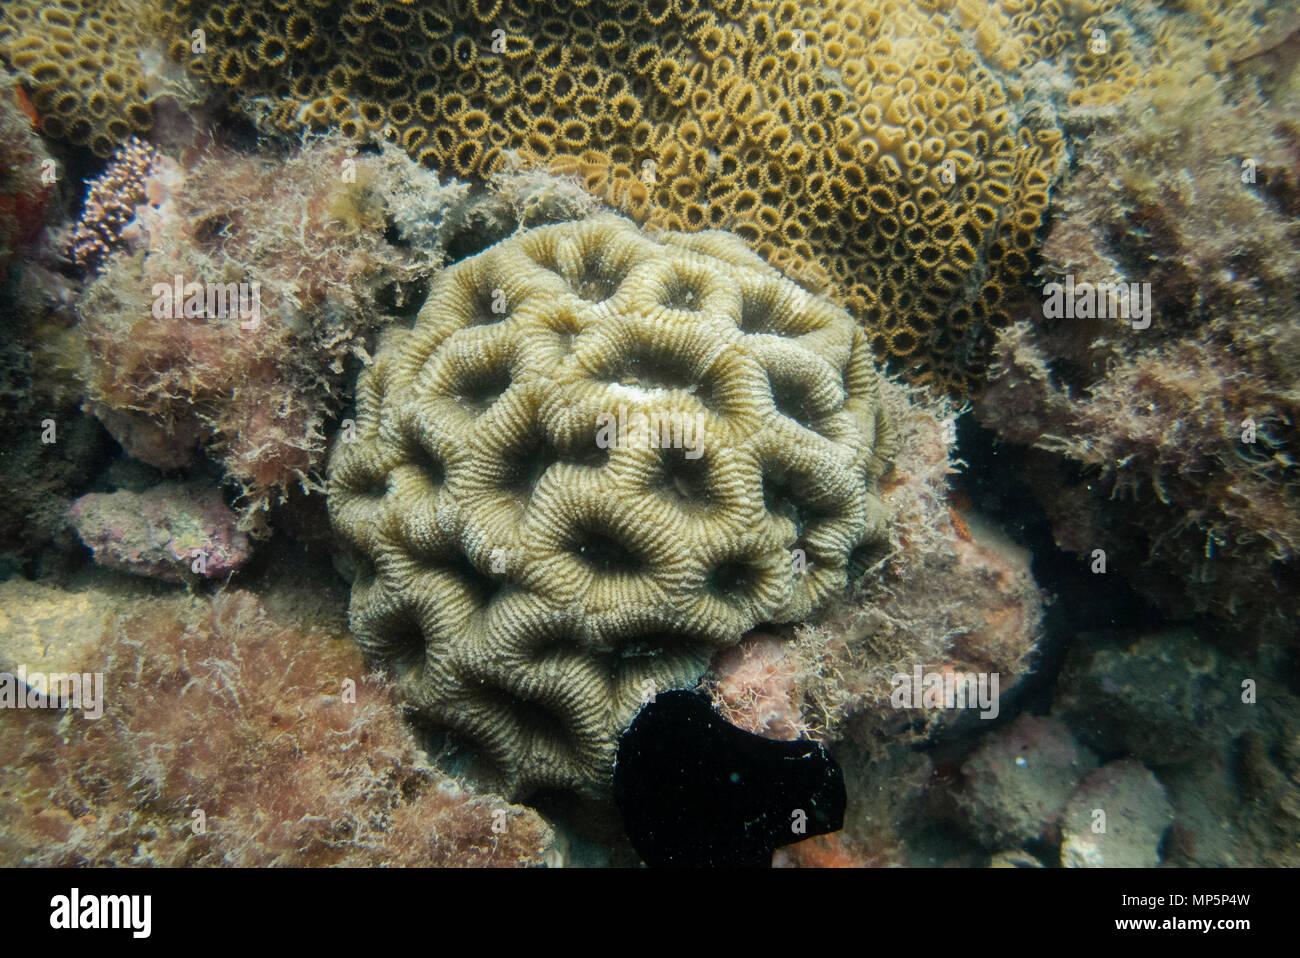 Brain Coral in Ilhabela, SE Brazil - Stock Image